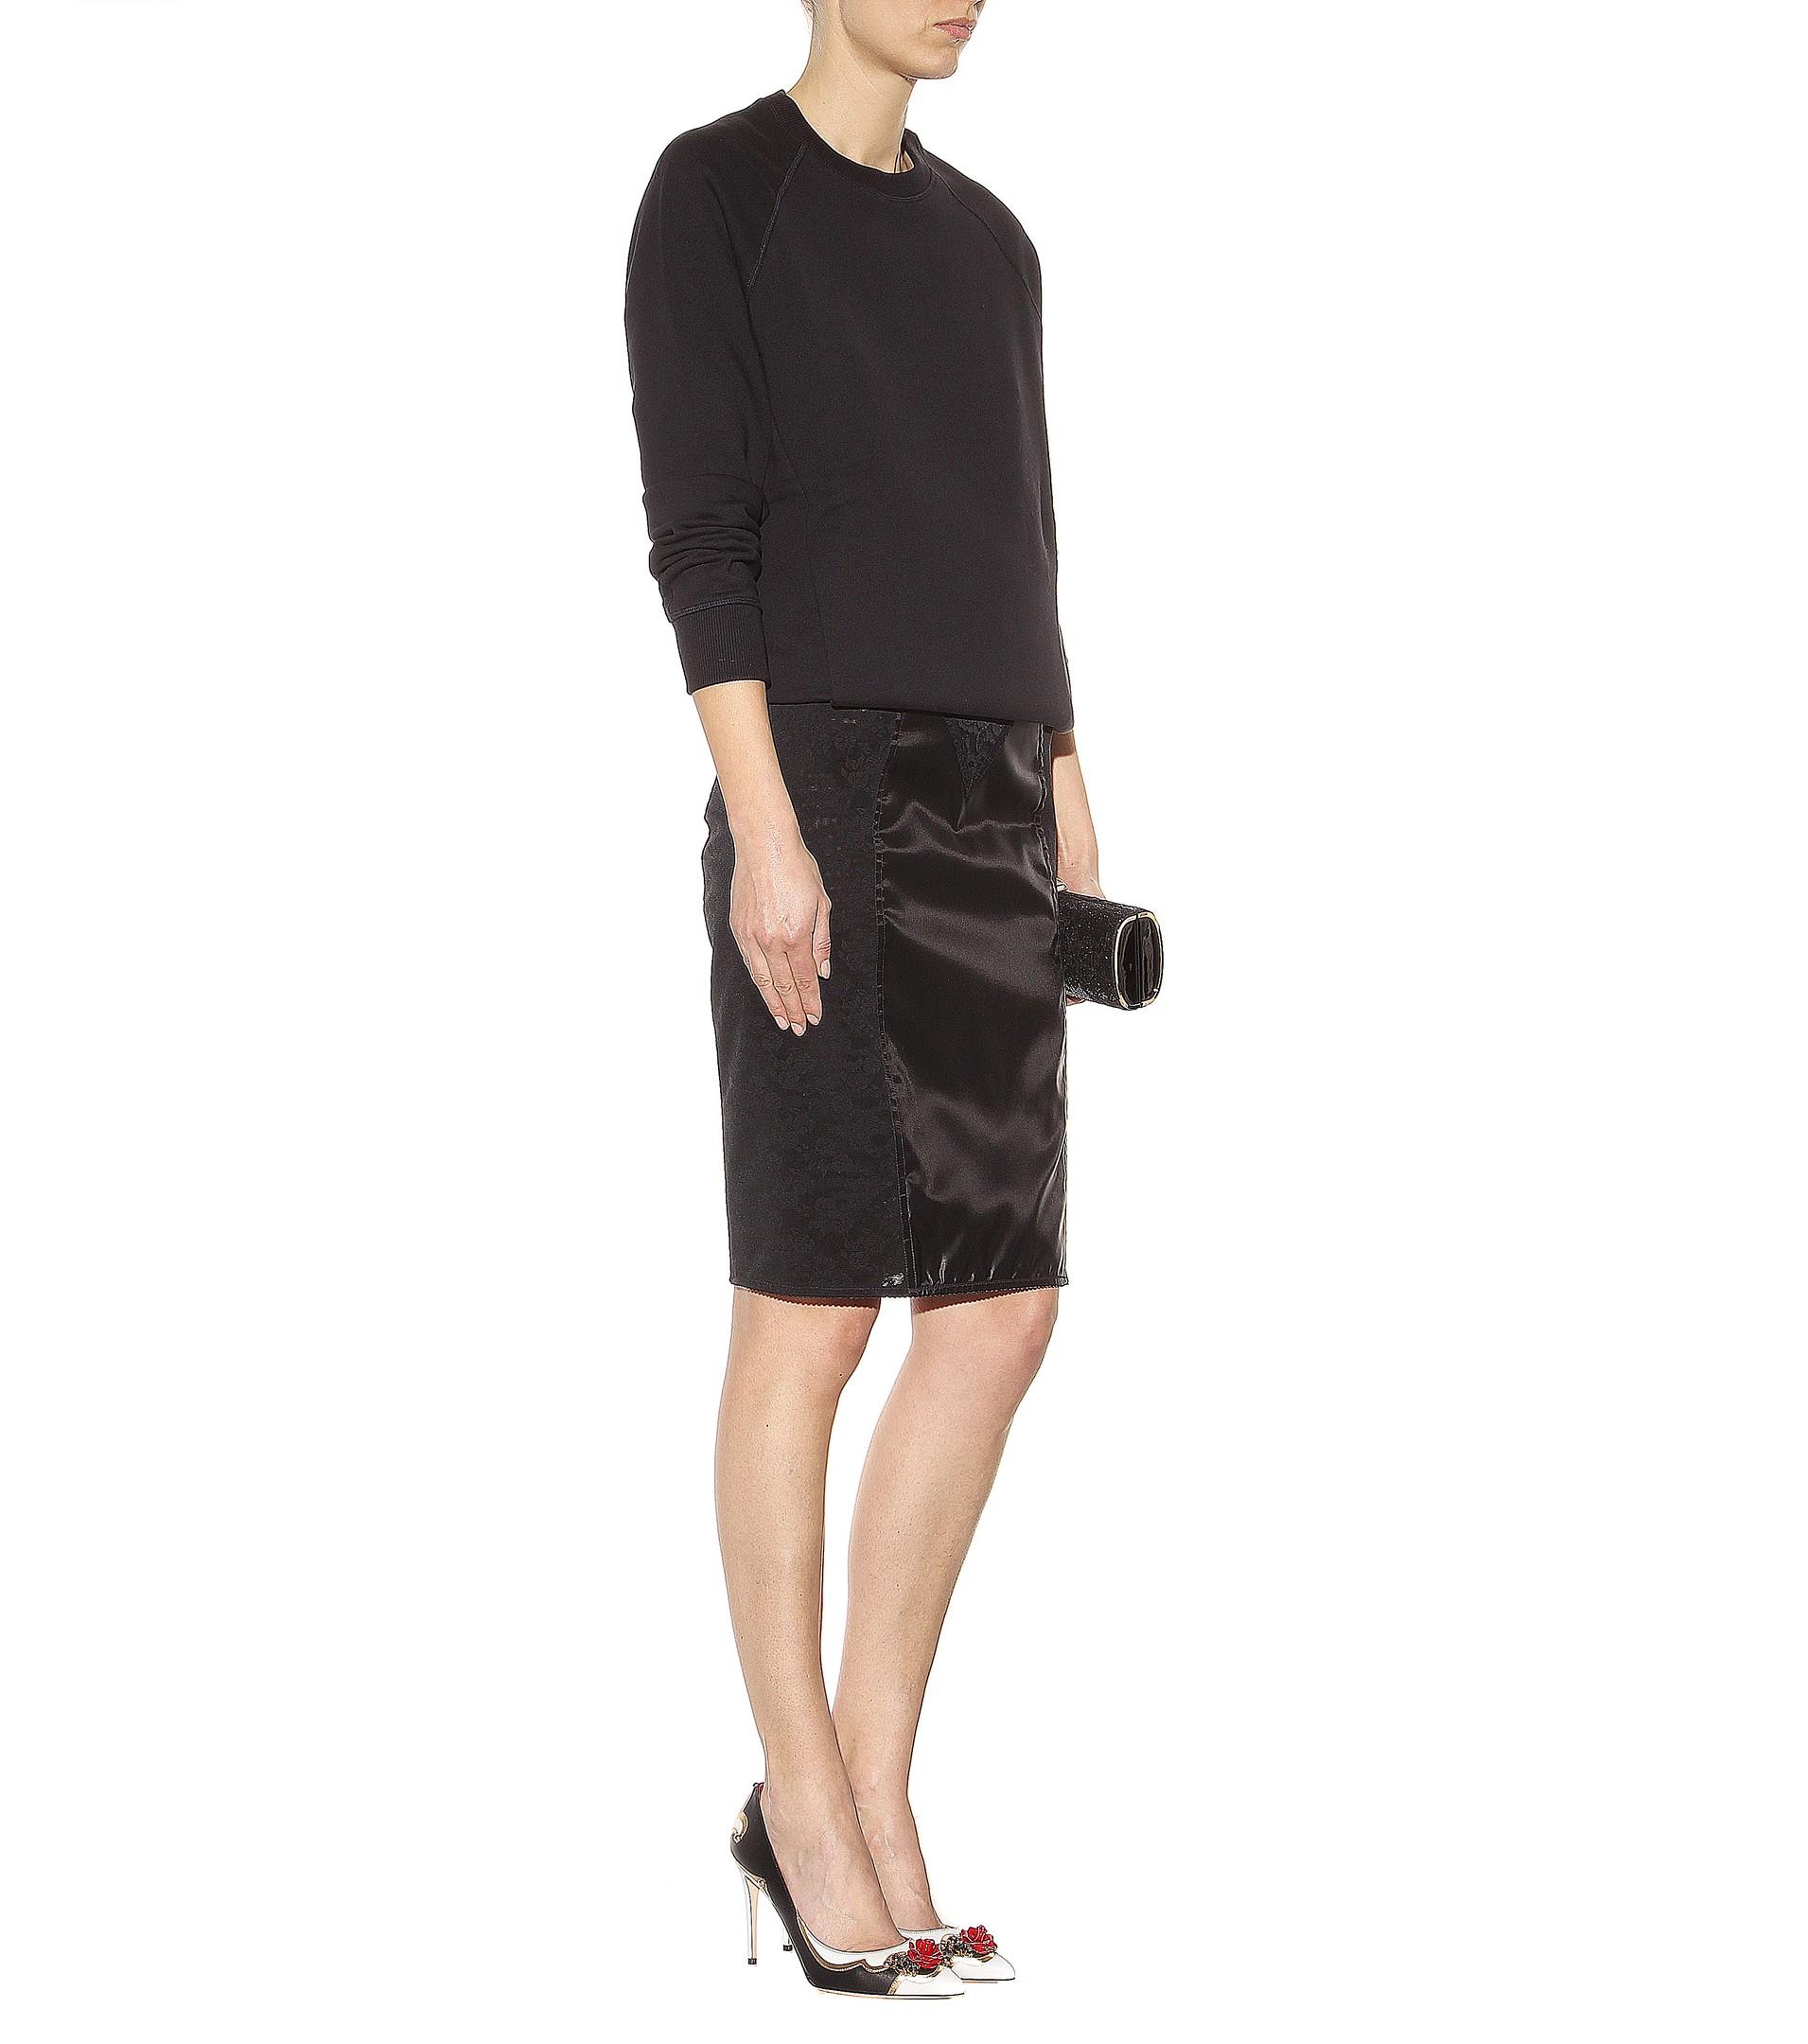 Dolce & Gabbana satin skirt Discount Official Site ziqC7mOf6t